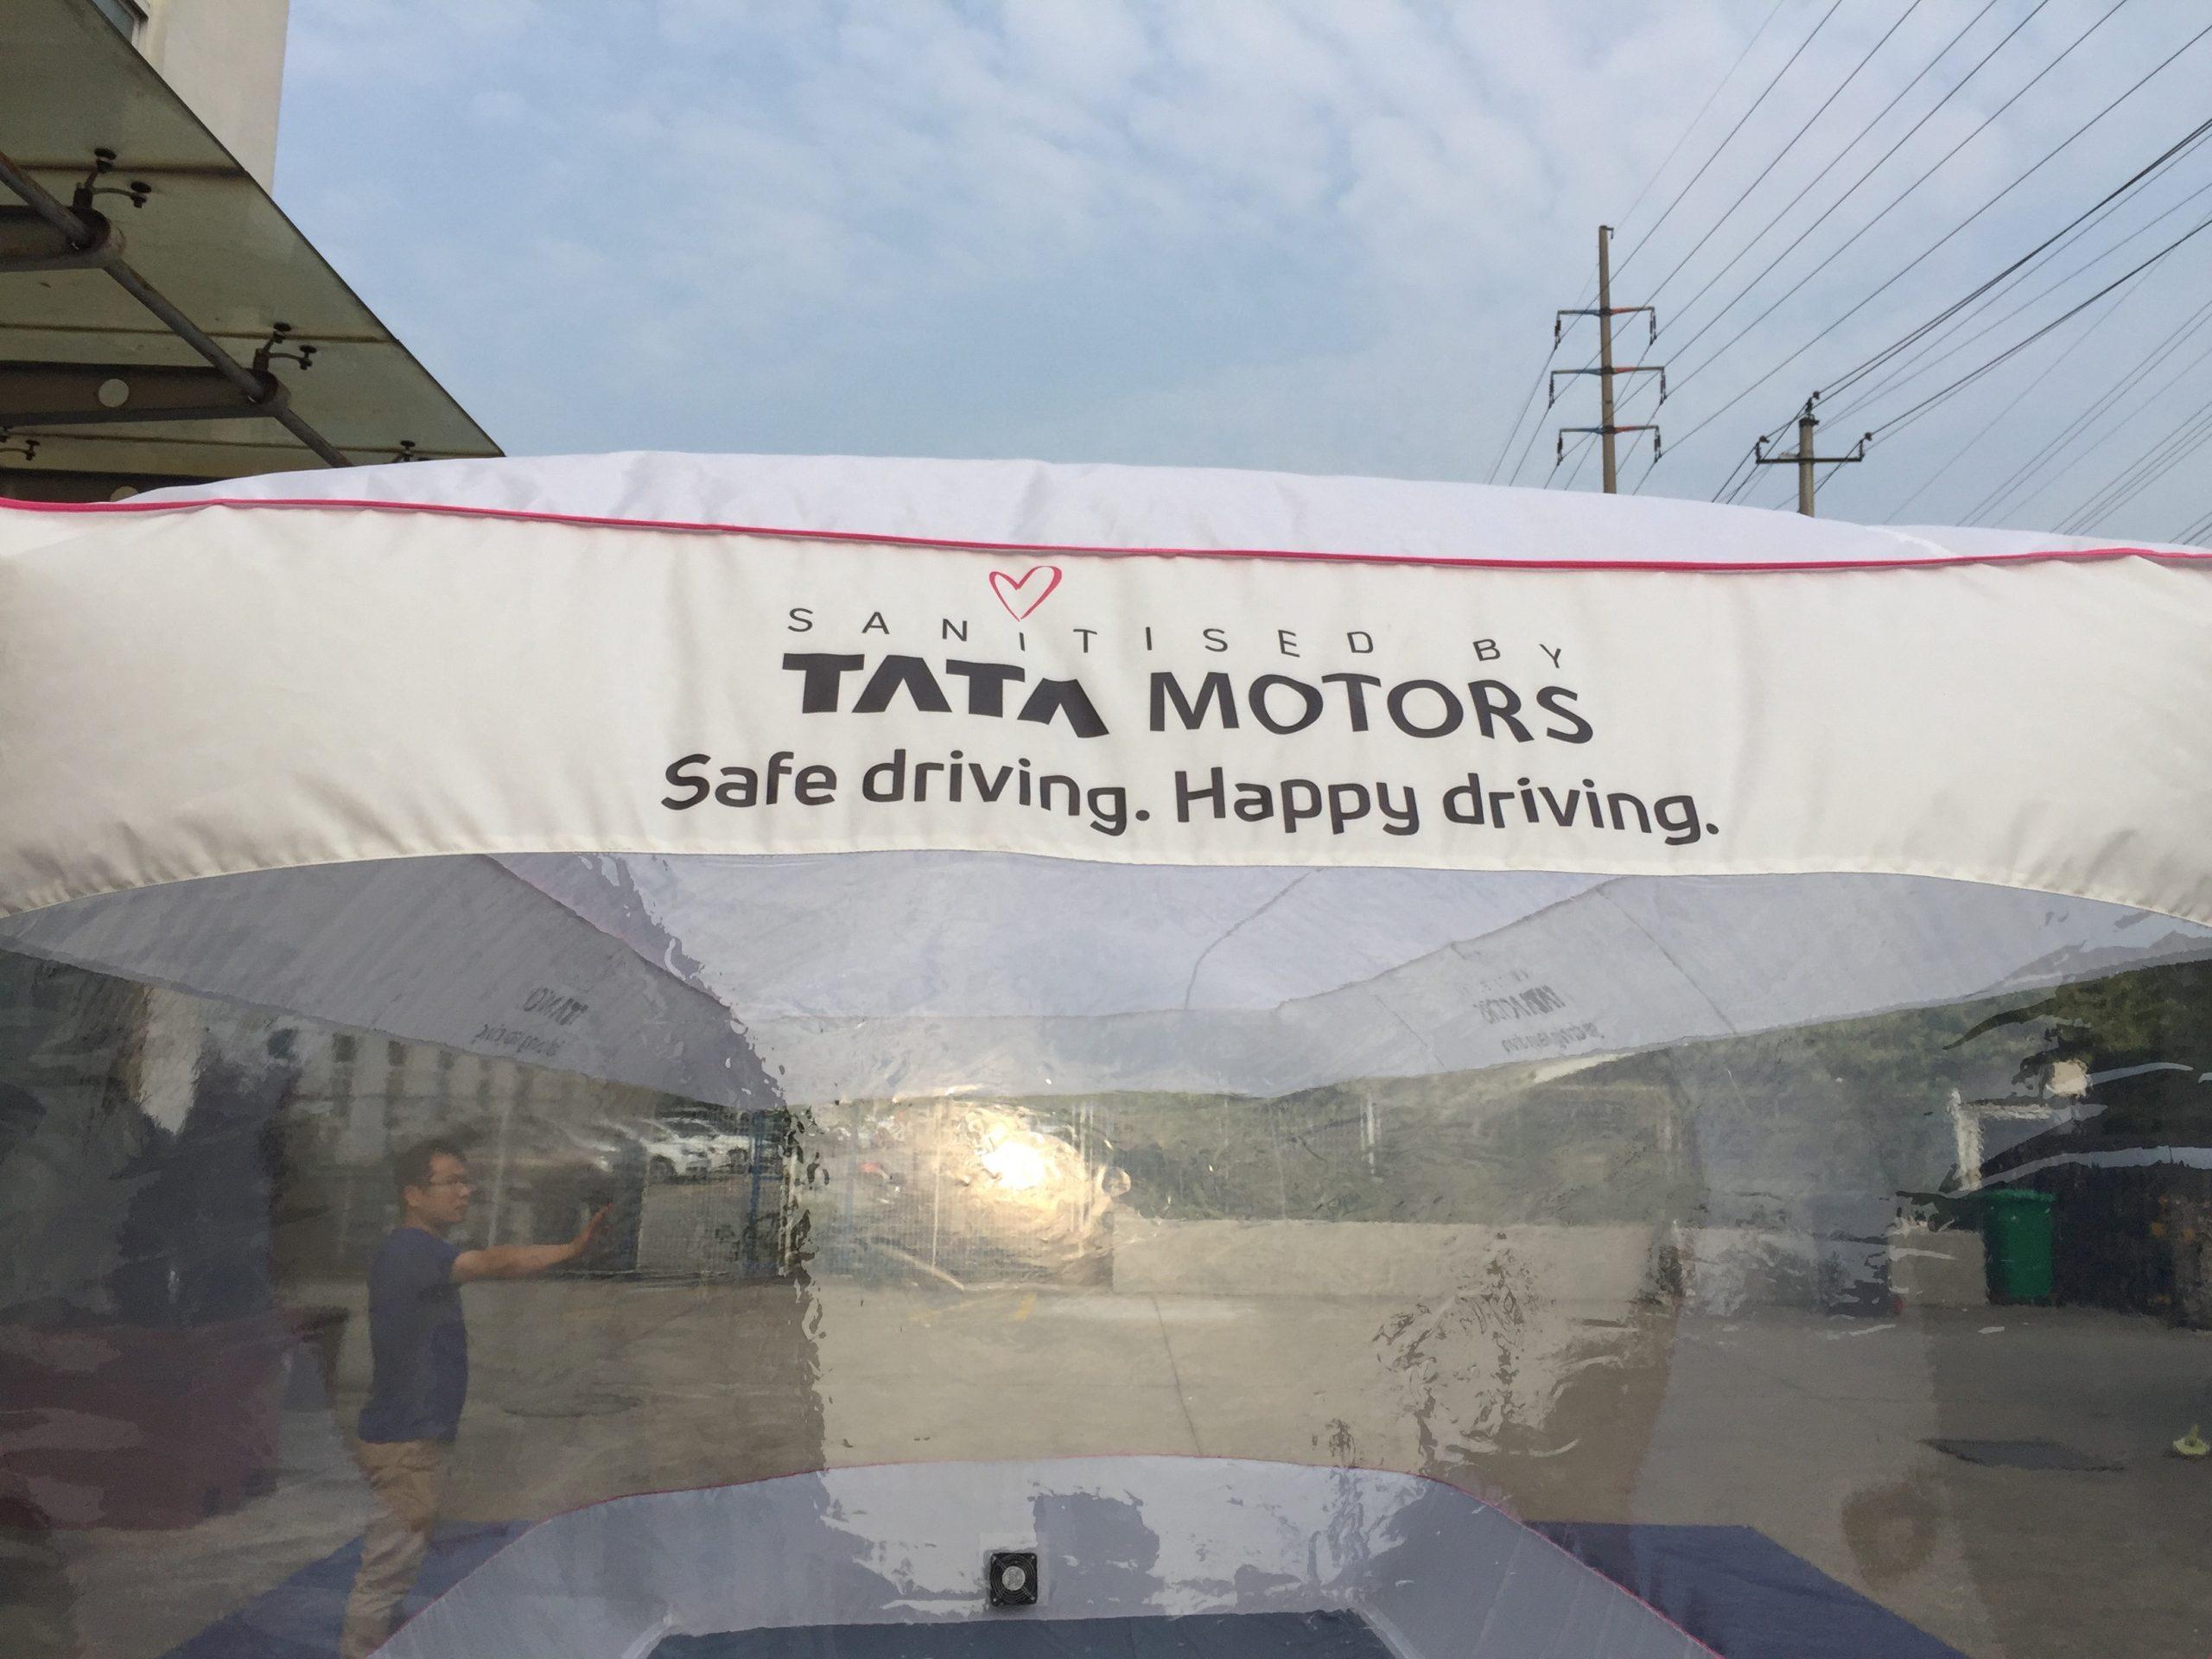 Carcapsule Tata Motor